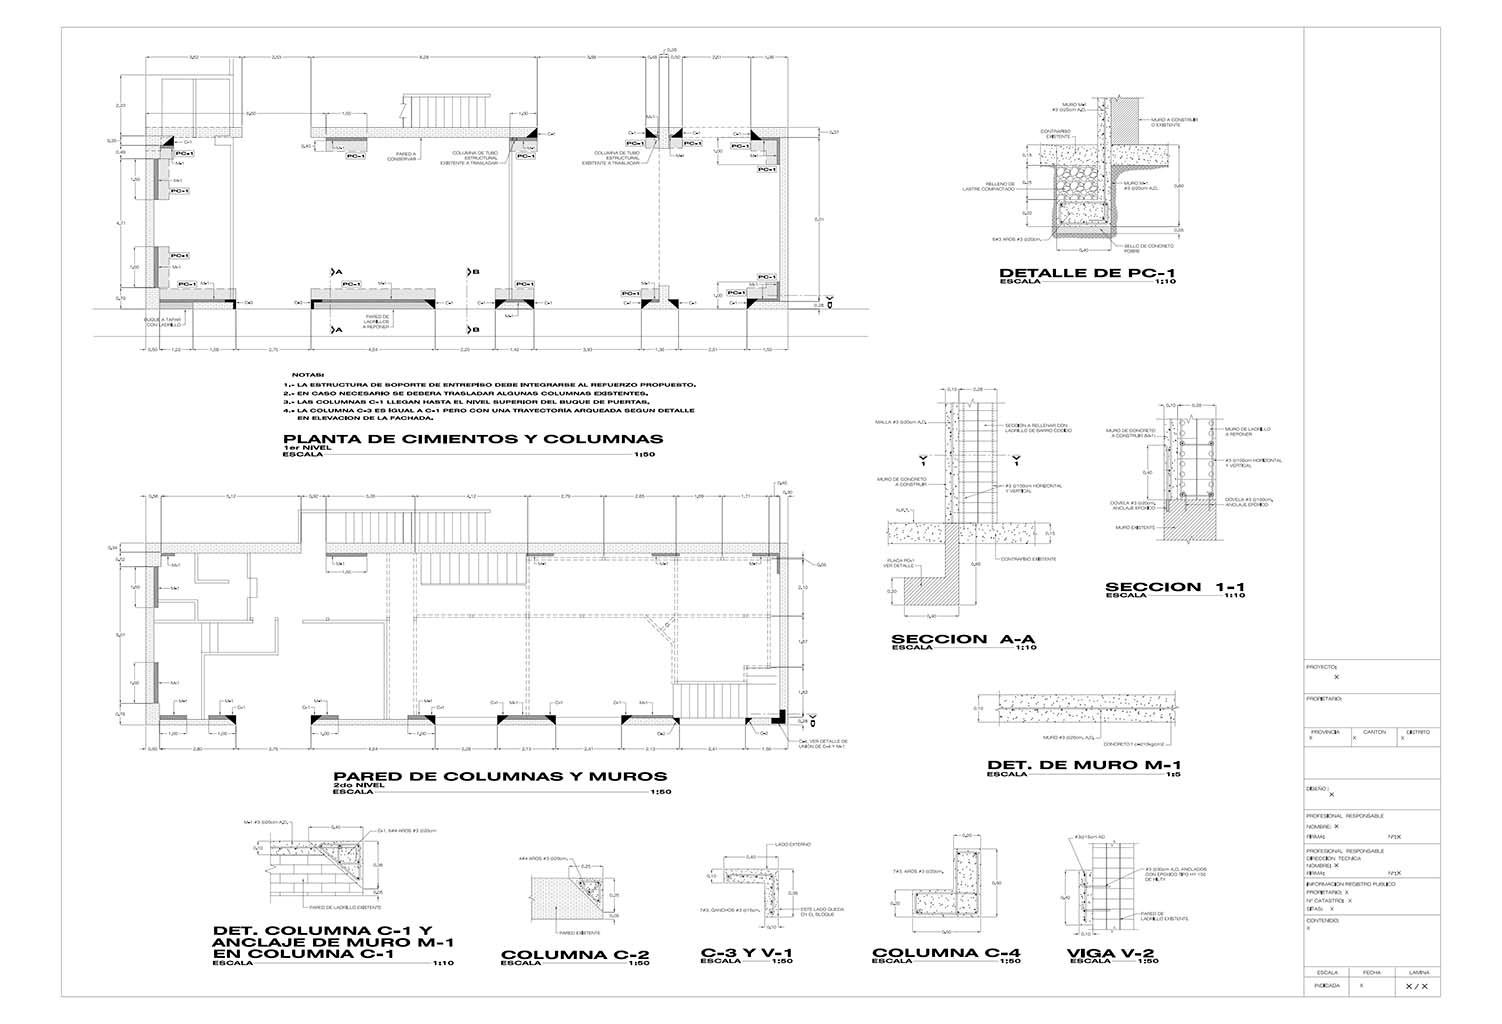 LAMINAS ESTRUCTURALES Model (1)_001 copia